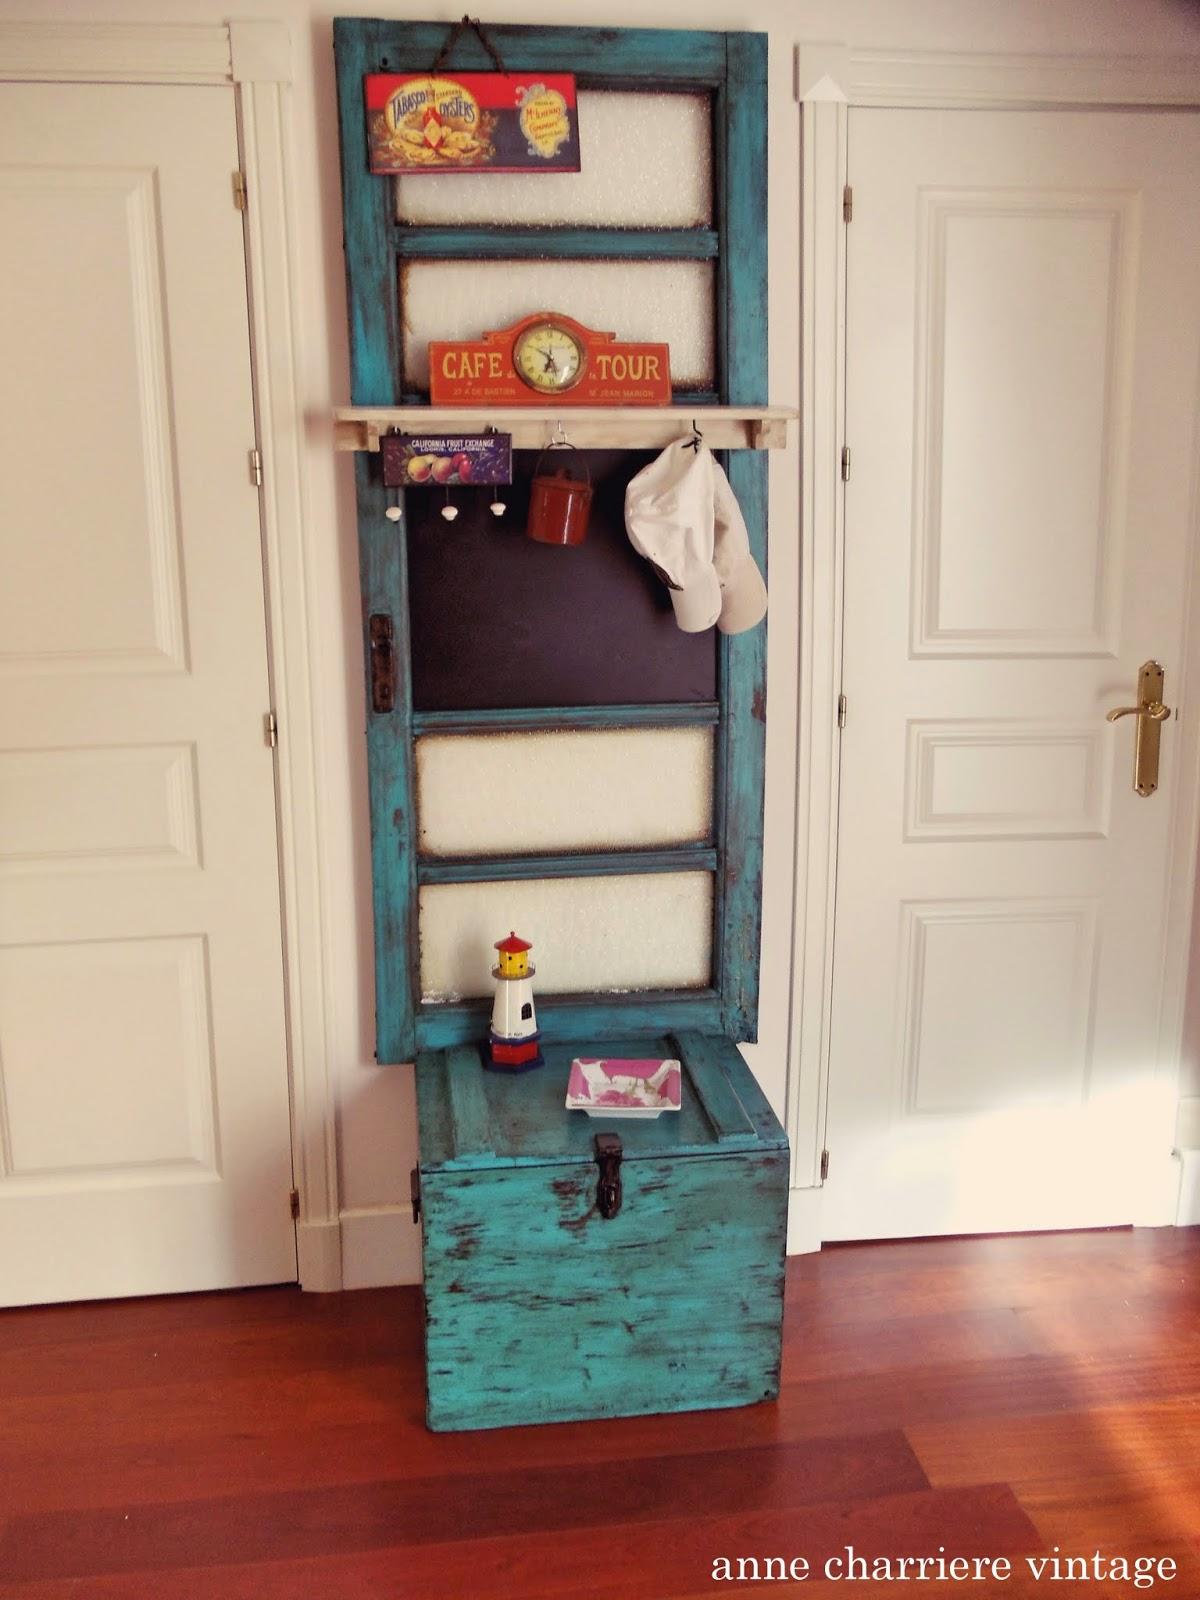 anne charriere vintage, baúl de libros reciclado,